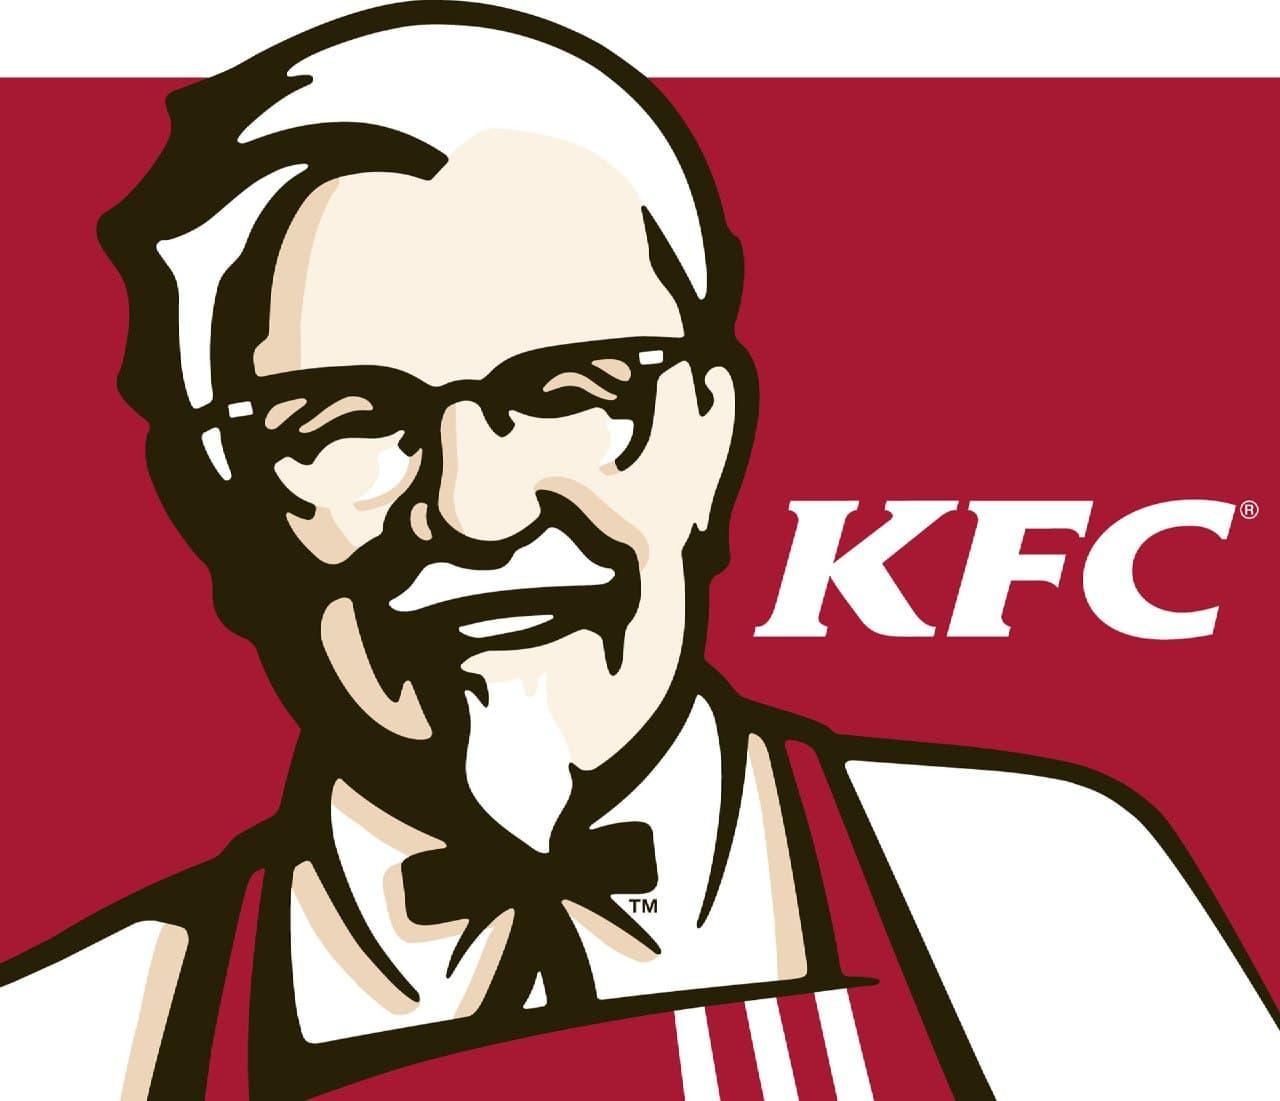 Боксмастер + Пепси 0,5 л за 169₽ (вместо 278₽) по промокоду в KFC